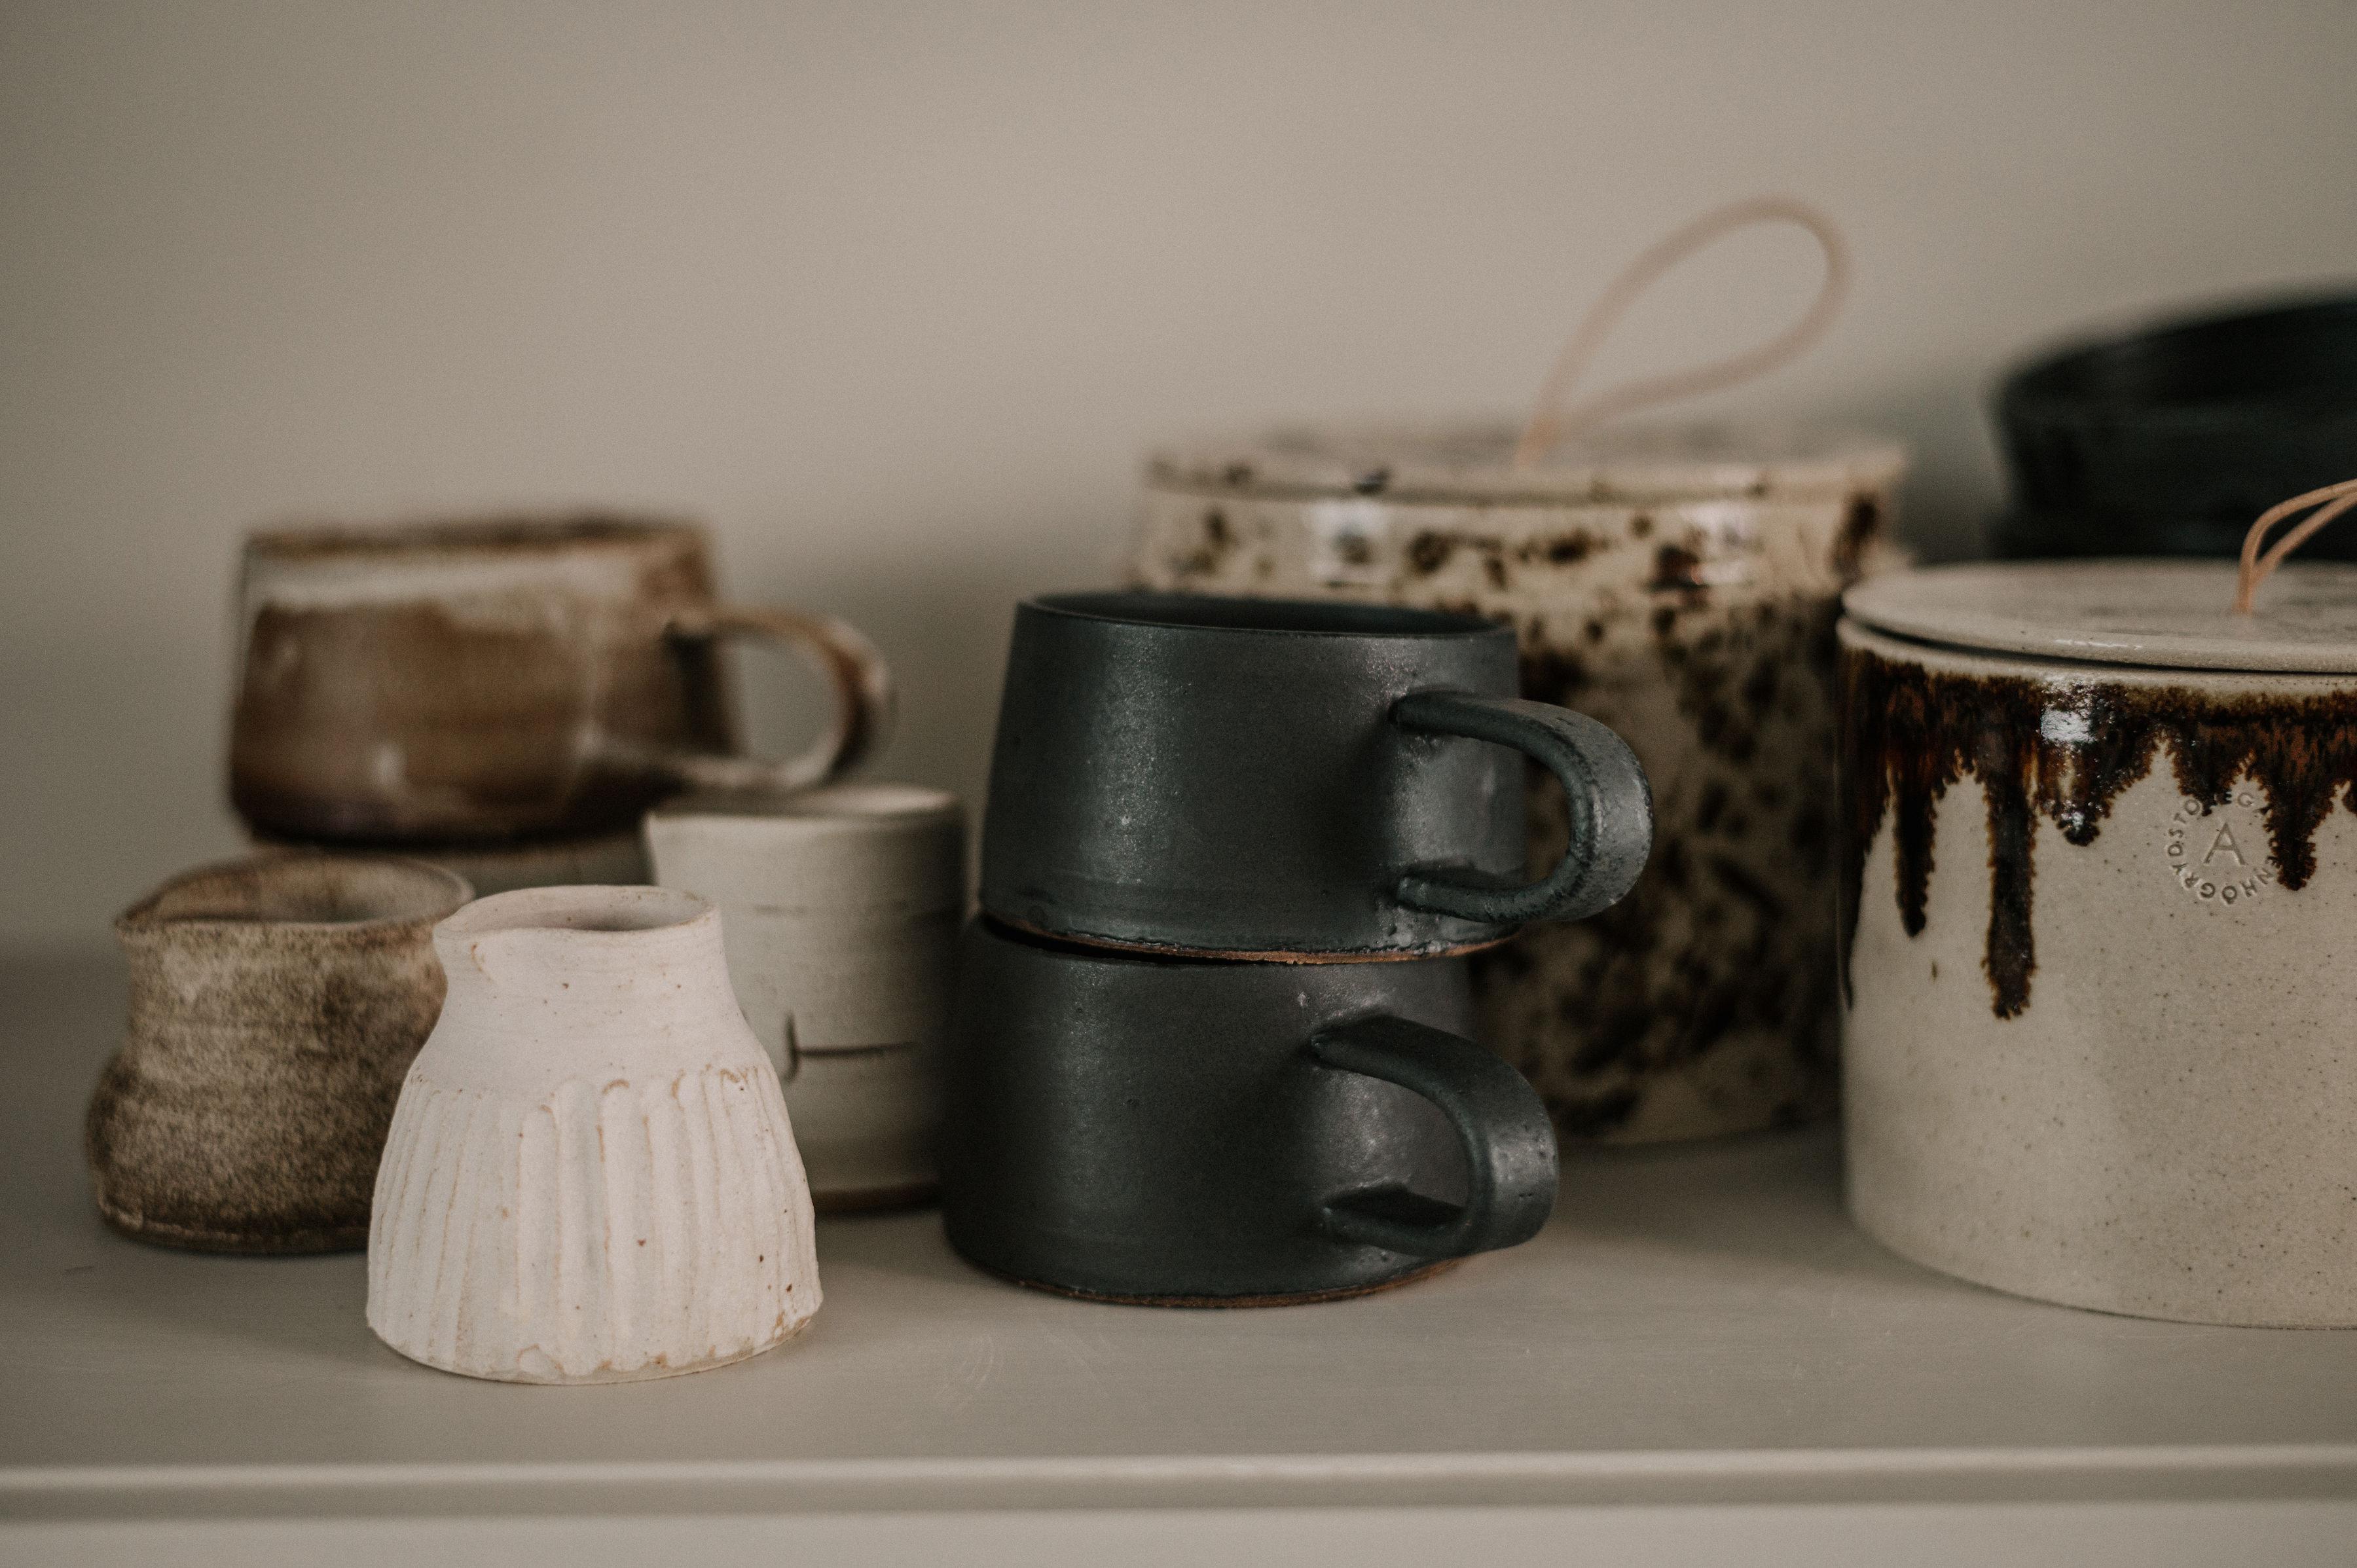 Mjölkkannor, koppar och kaffeburkar